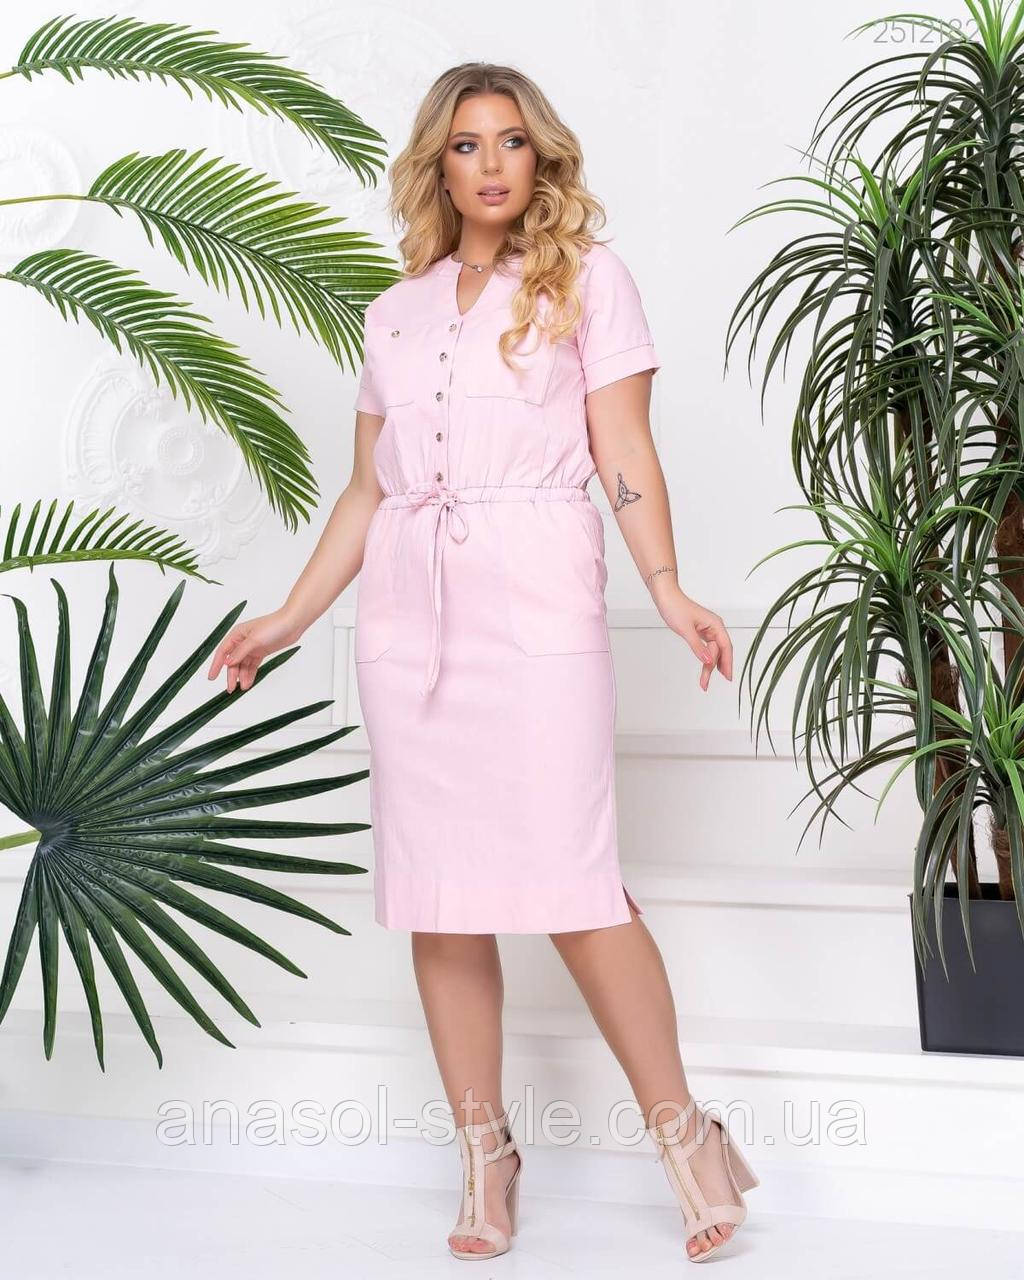 Летнее офисное платье Гонолулу больших размеров розовое